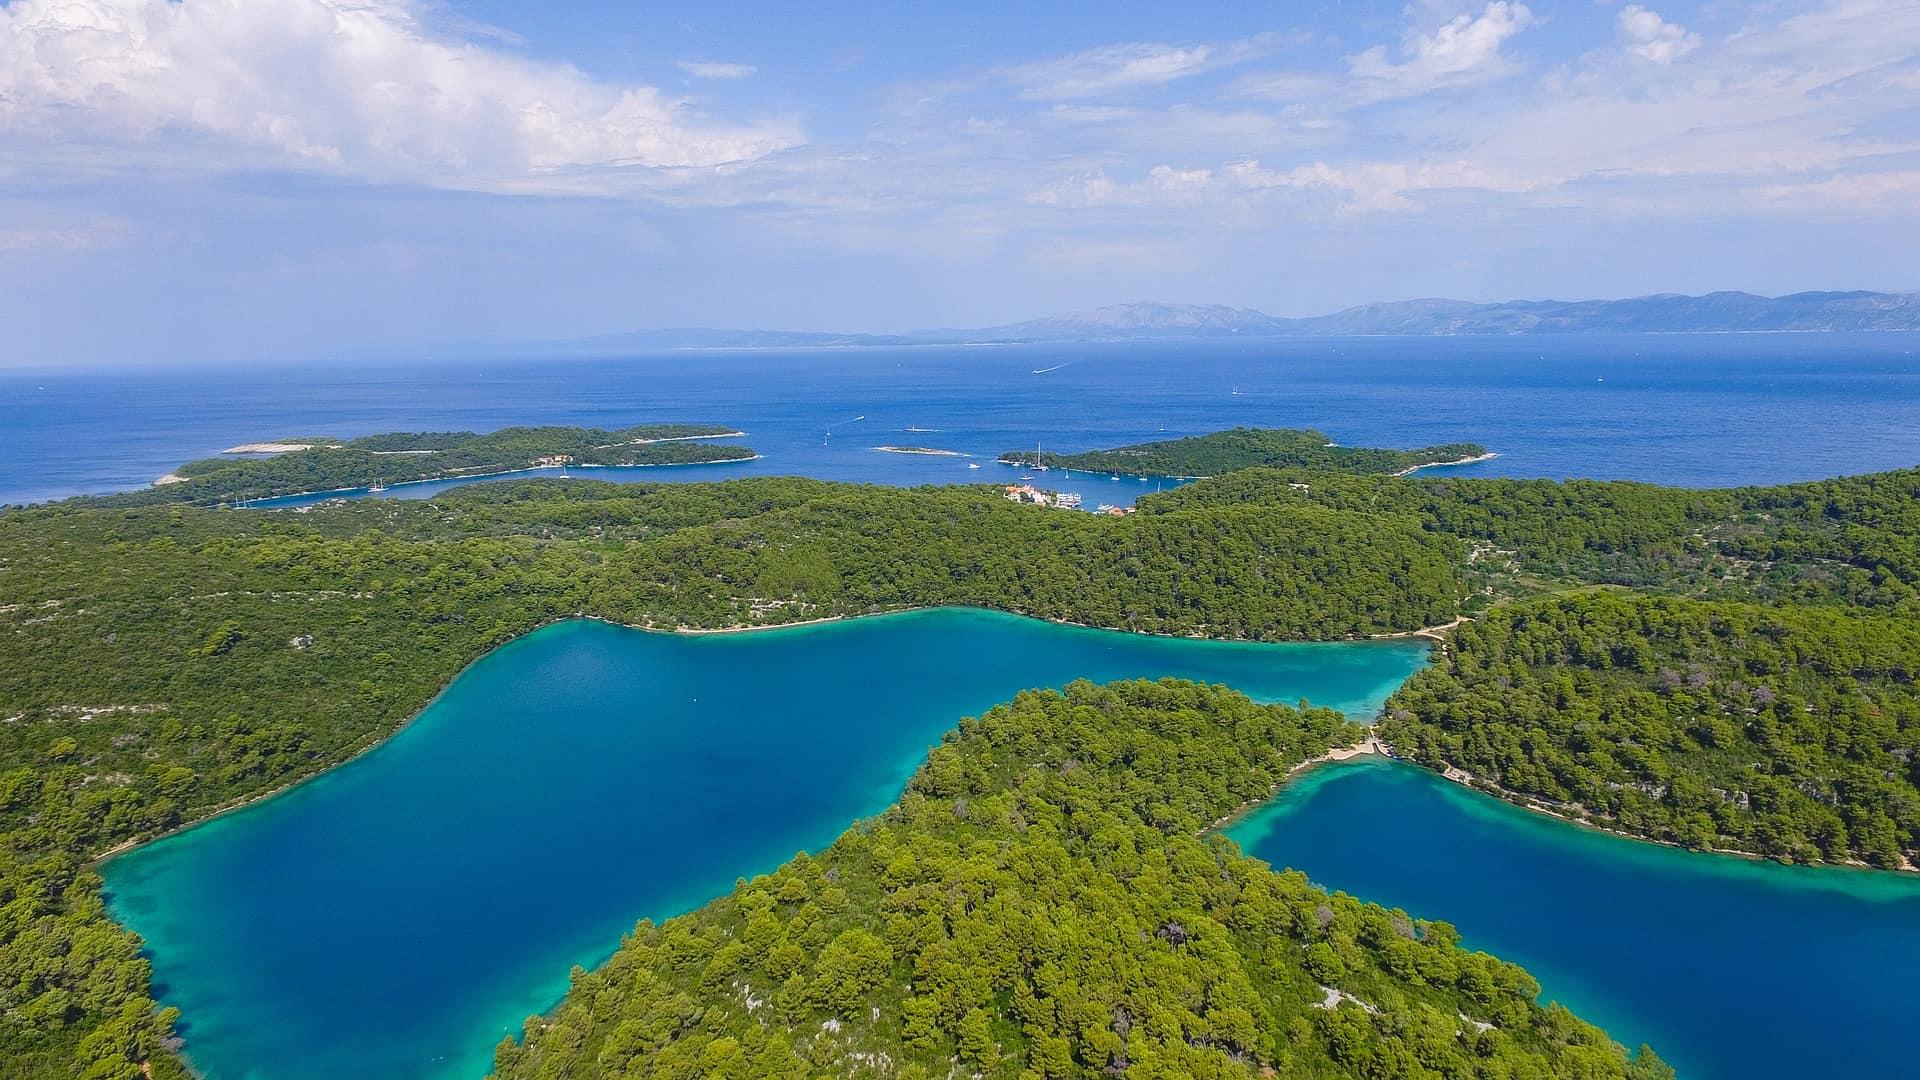 Außerhalb der Städte - die Landschaft des Land an der Adria Küste circa 200 Inseln gibt es im Land